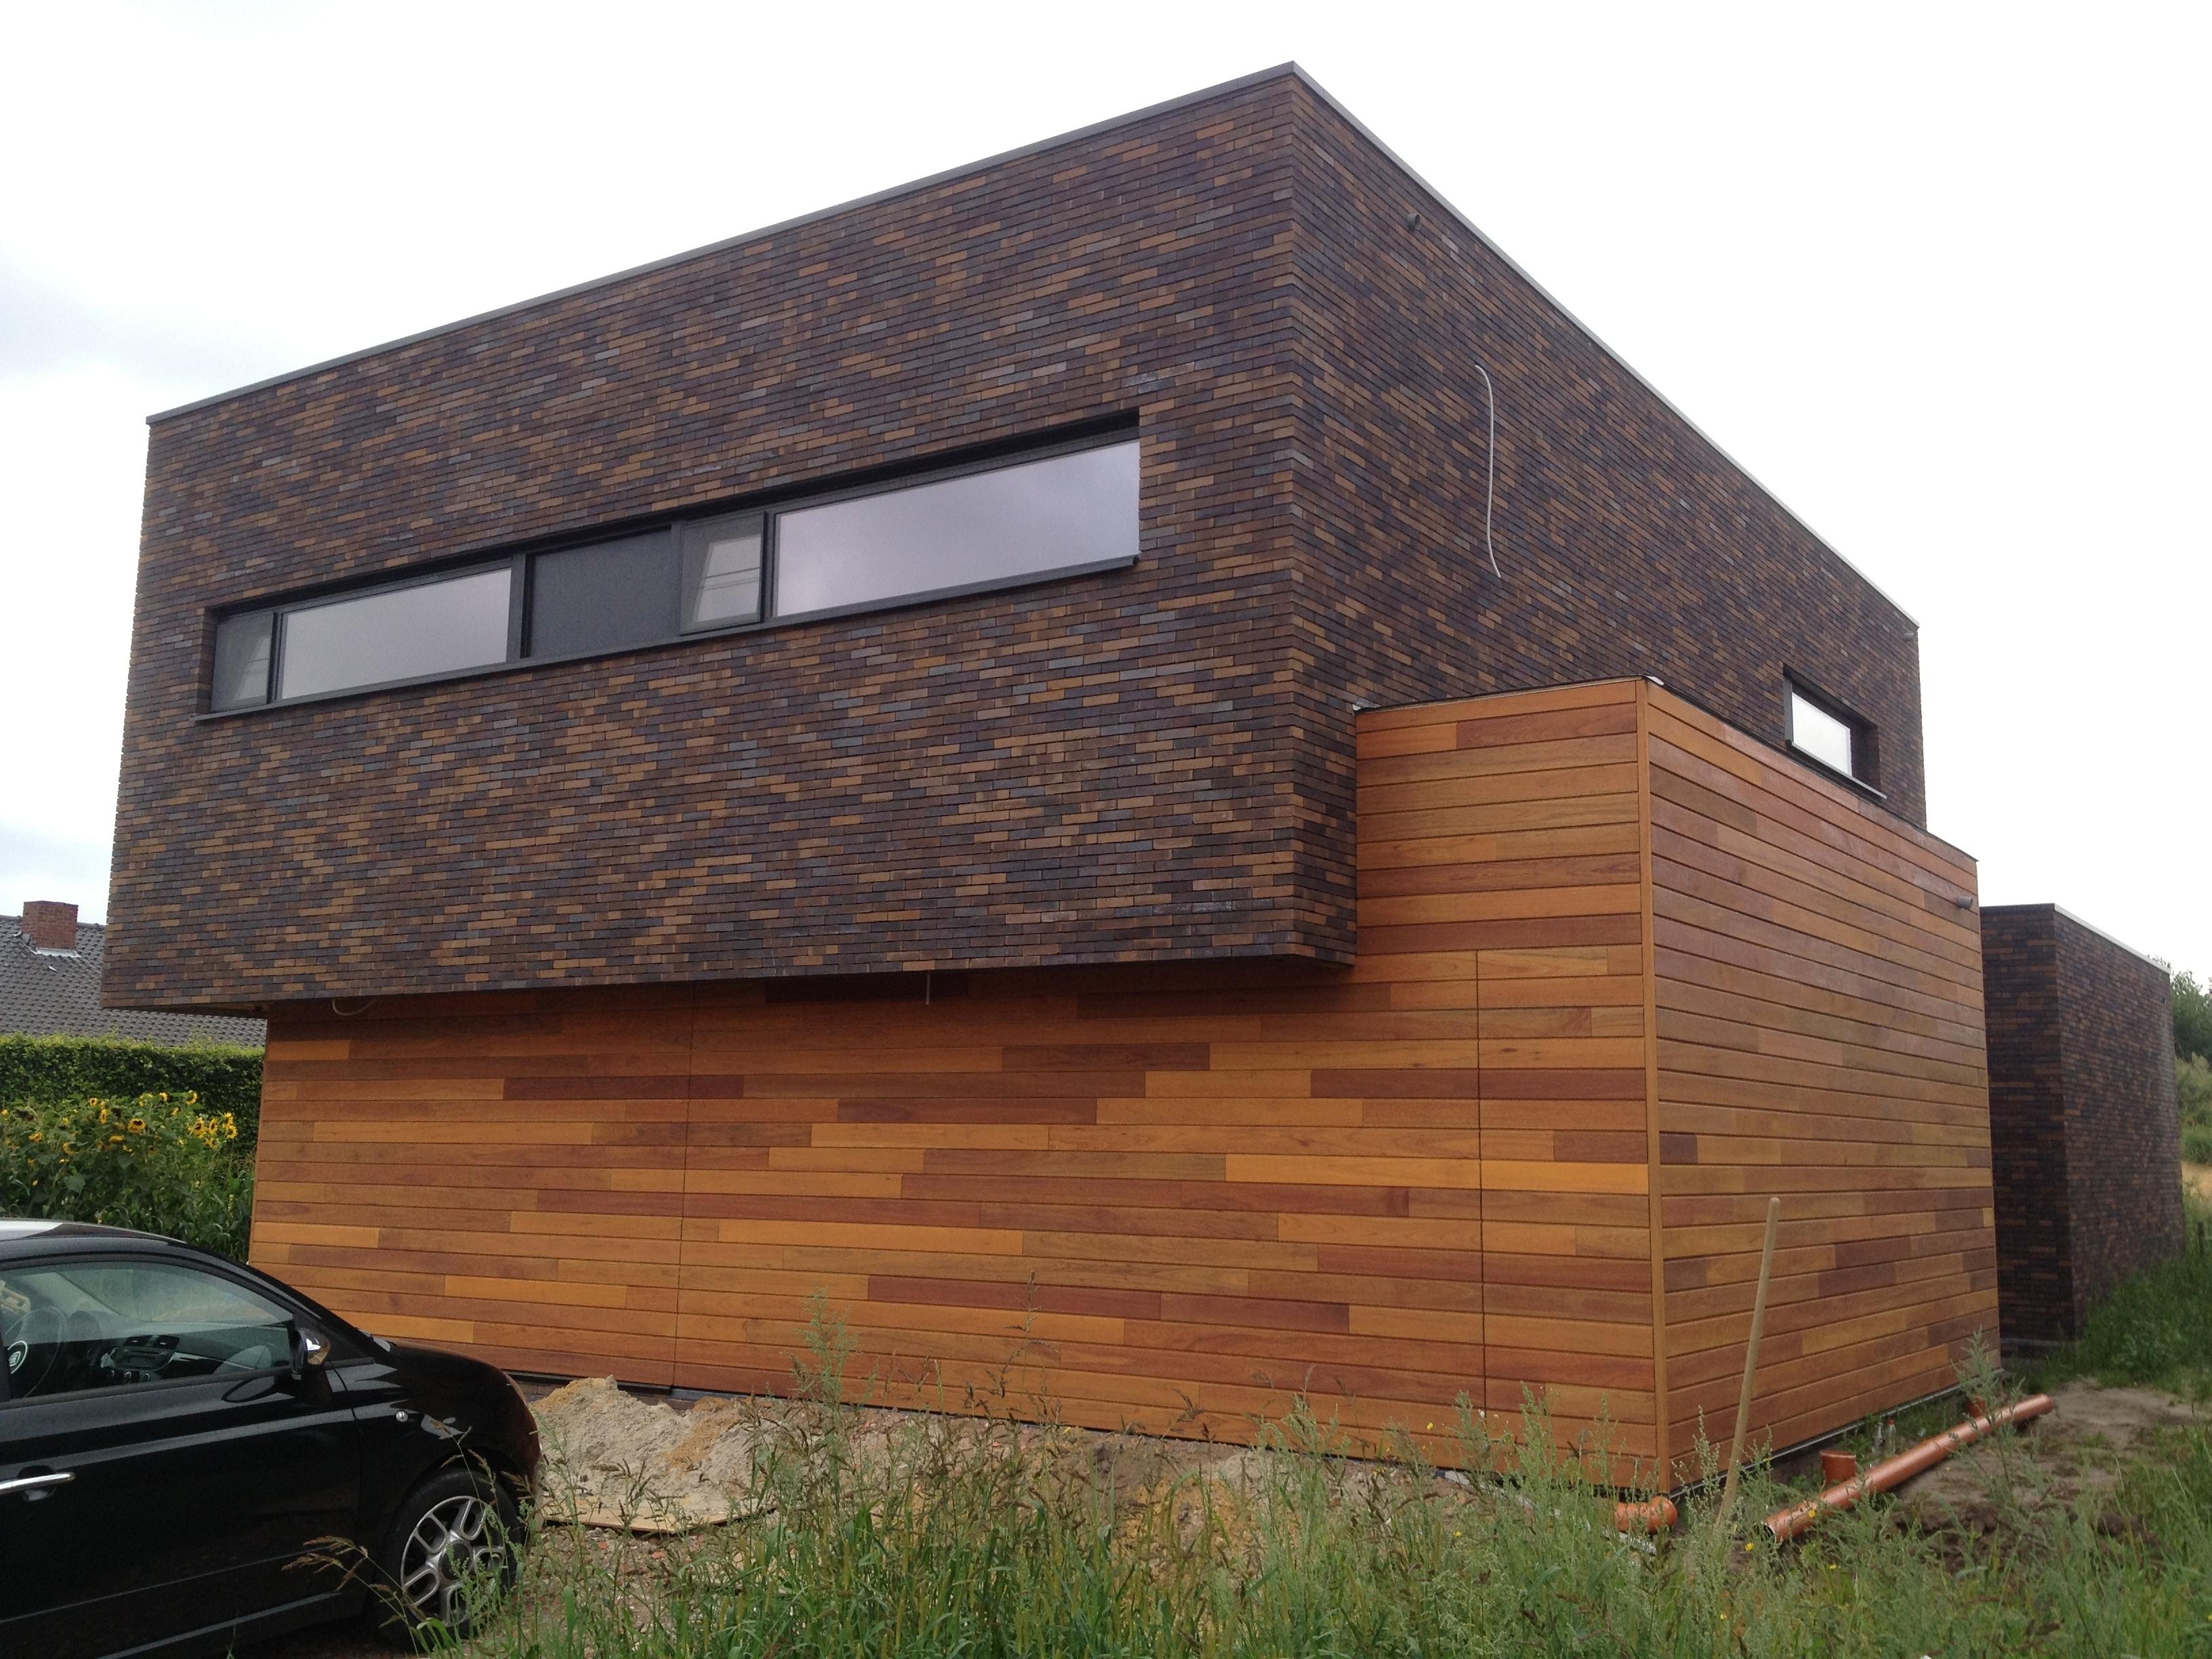 garagedeuren in een lijn met de wand